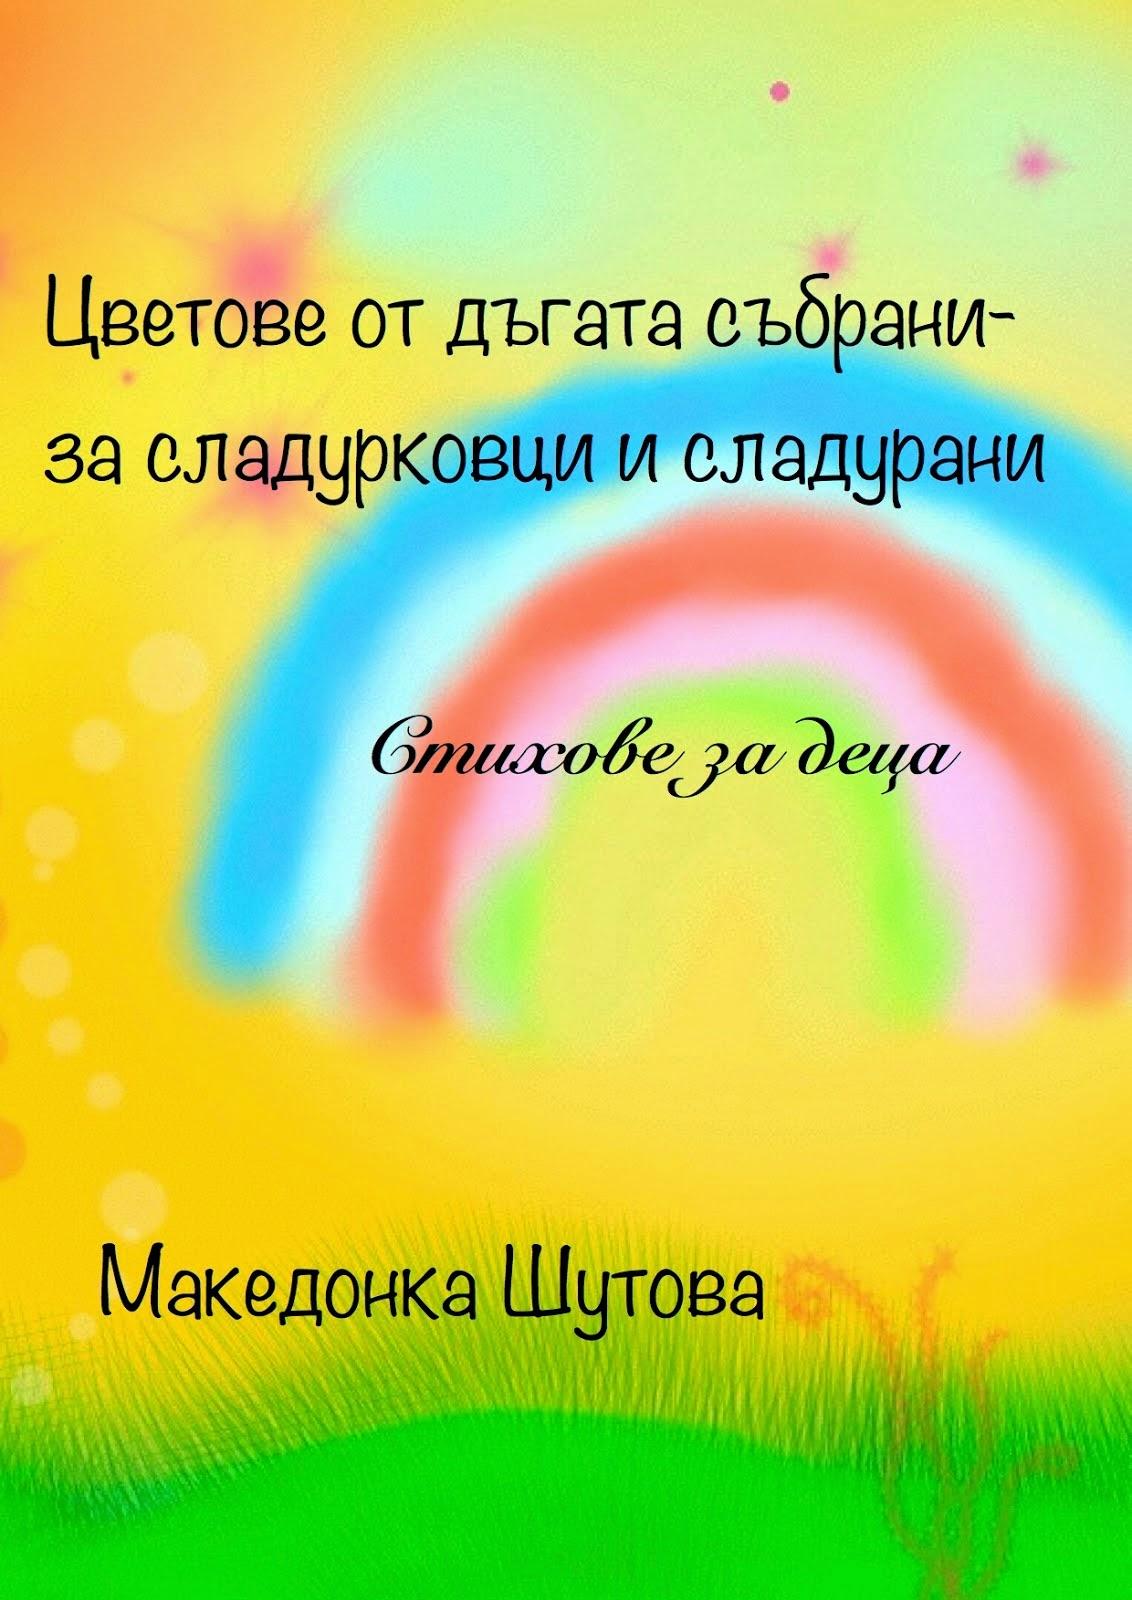 """"""" Цветове от дъгата събрани-за сладурковци и сладурани"""